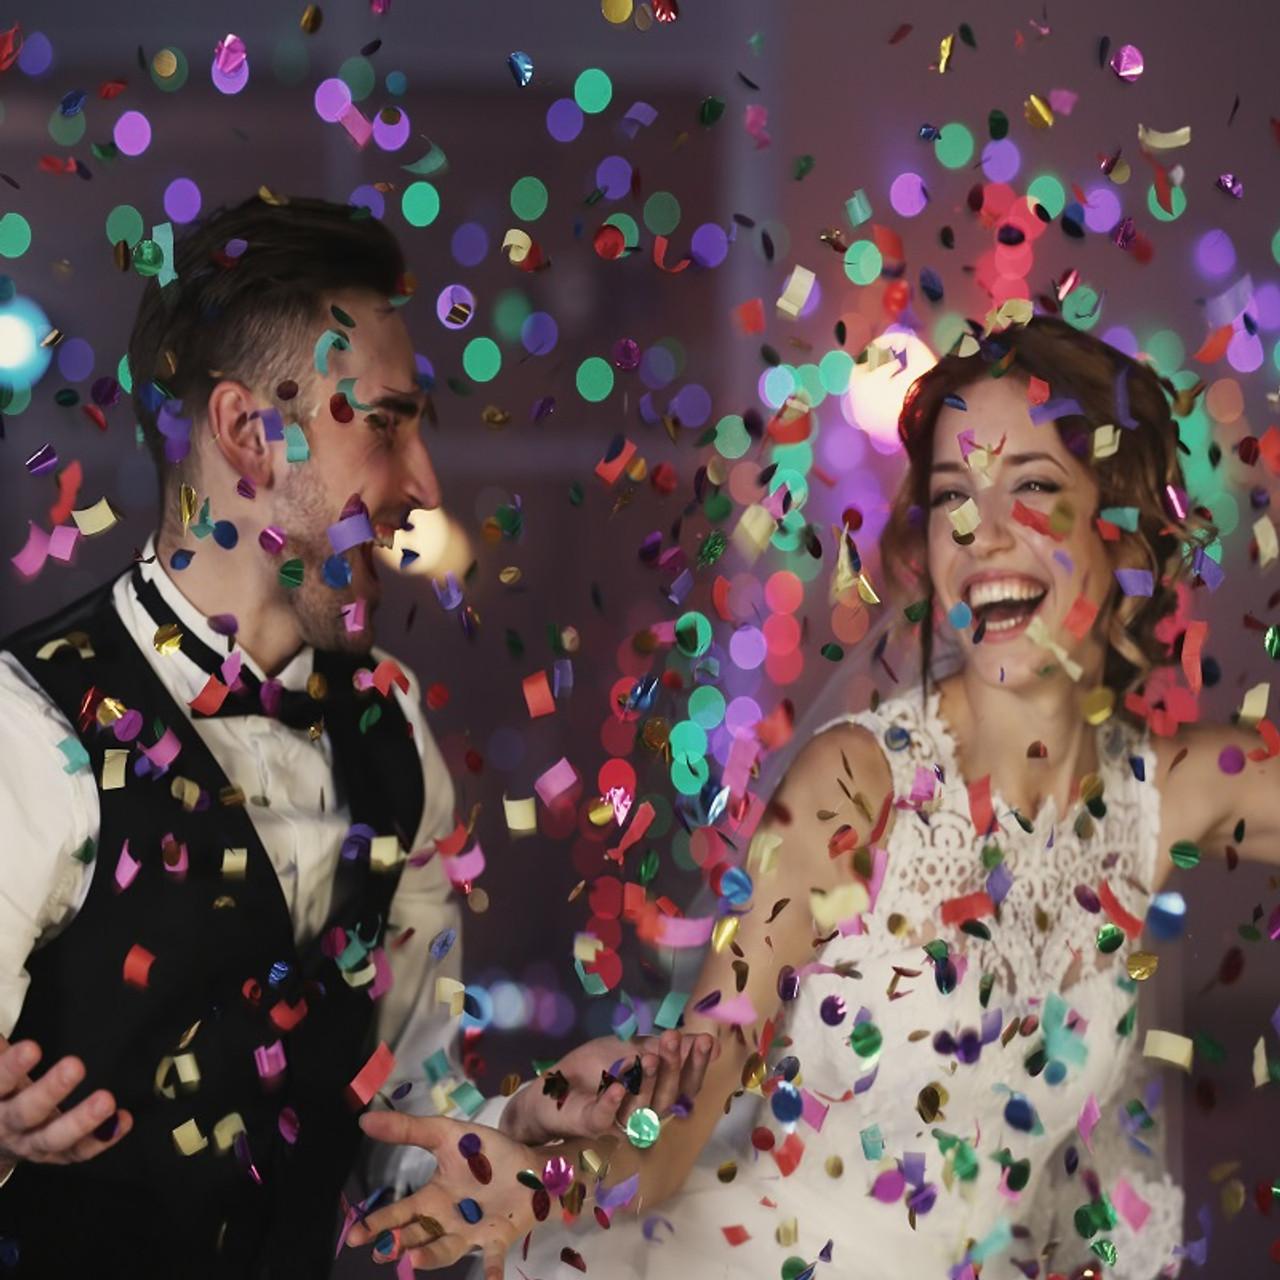 Giant Confetti Cannon Party Supplies Multicolor 23